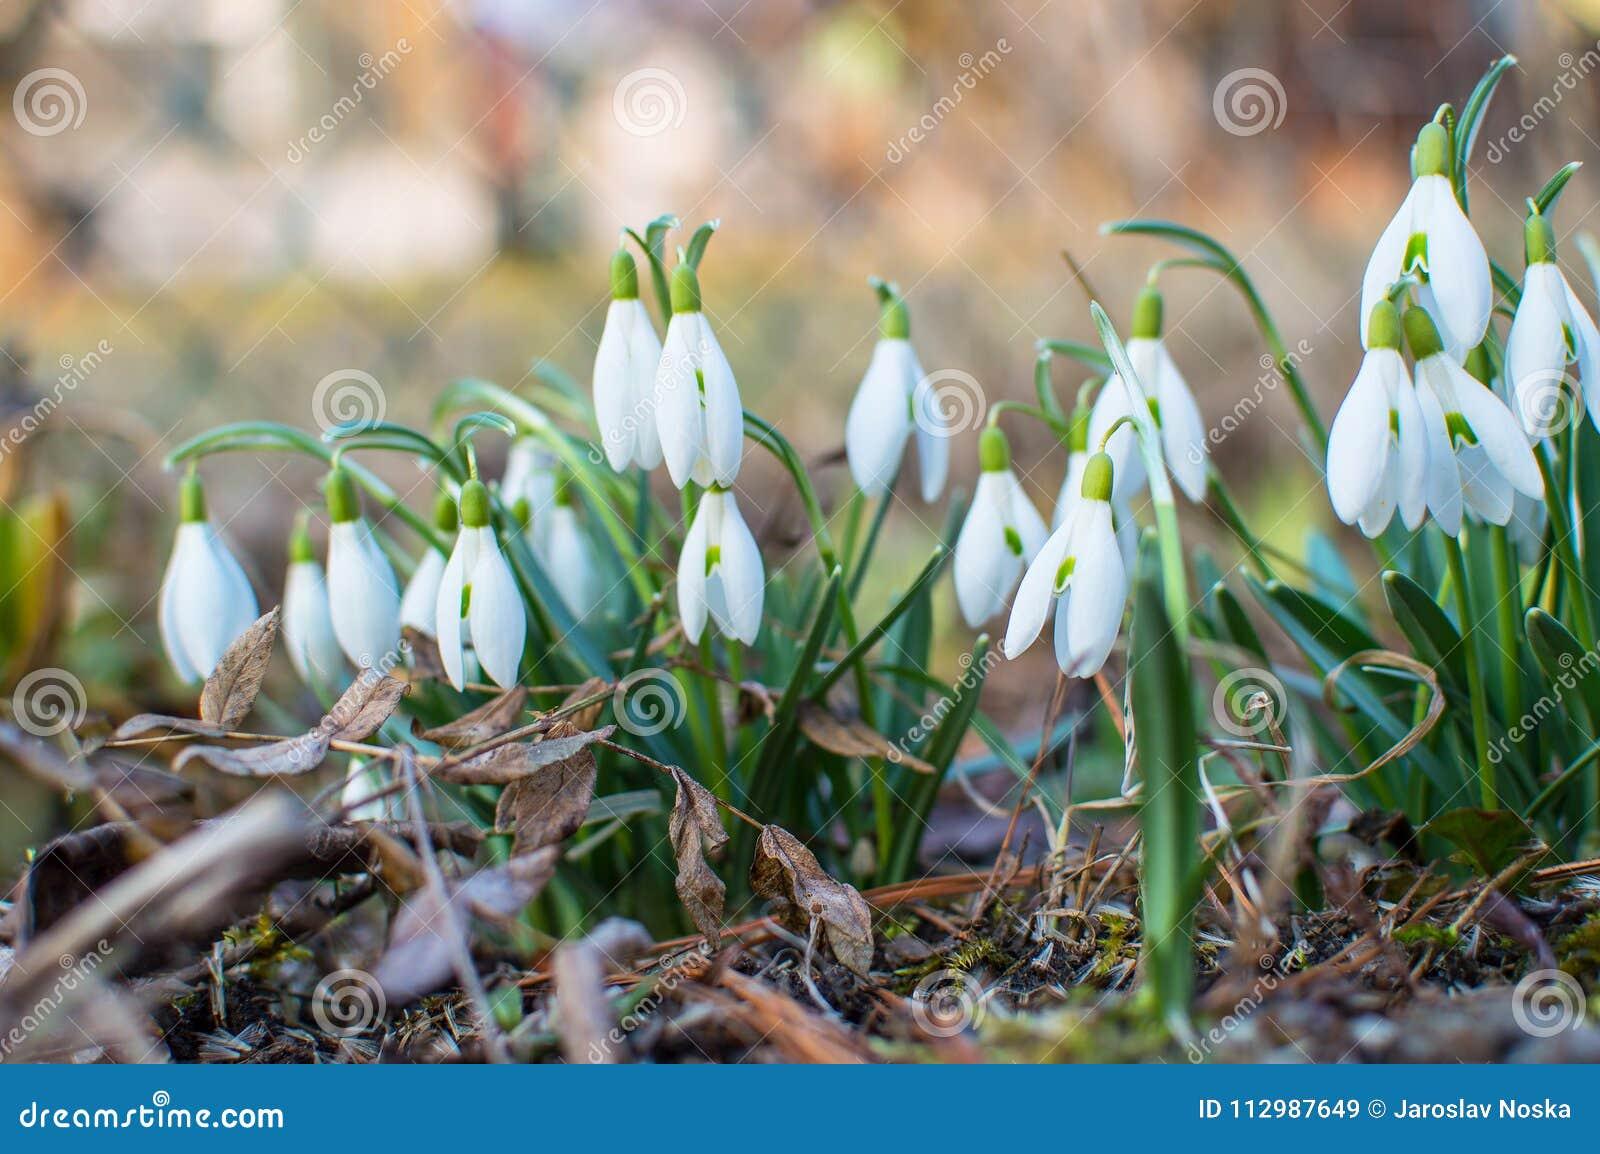 Snowdrops in the garden.